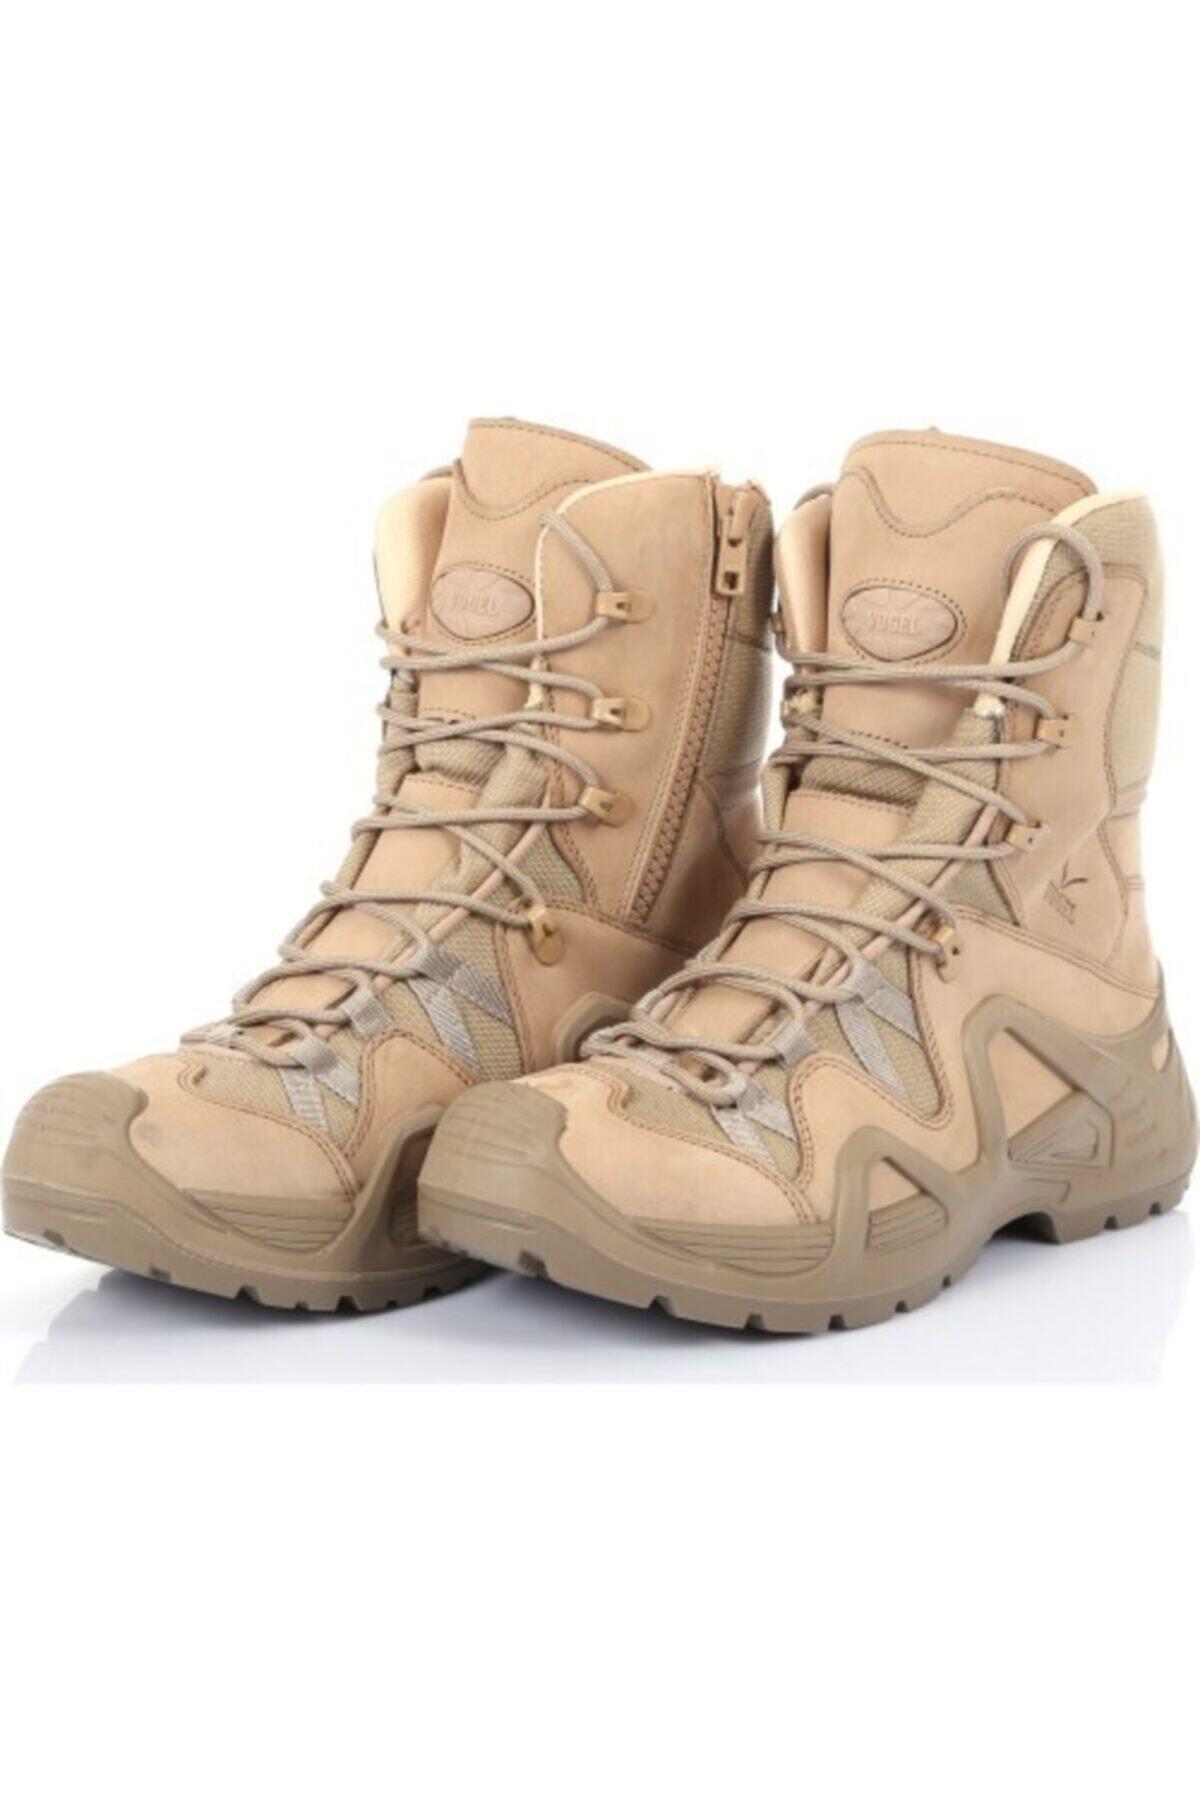 Silyon Askeri Giyim Bej Vogel Fermuarlı Askeri Tip Bot 1